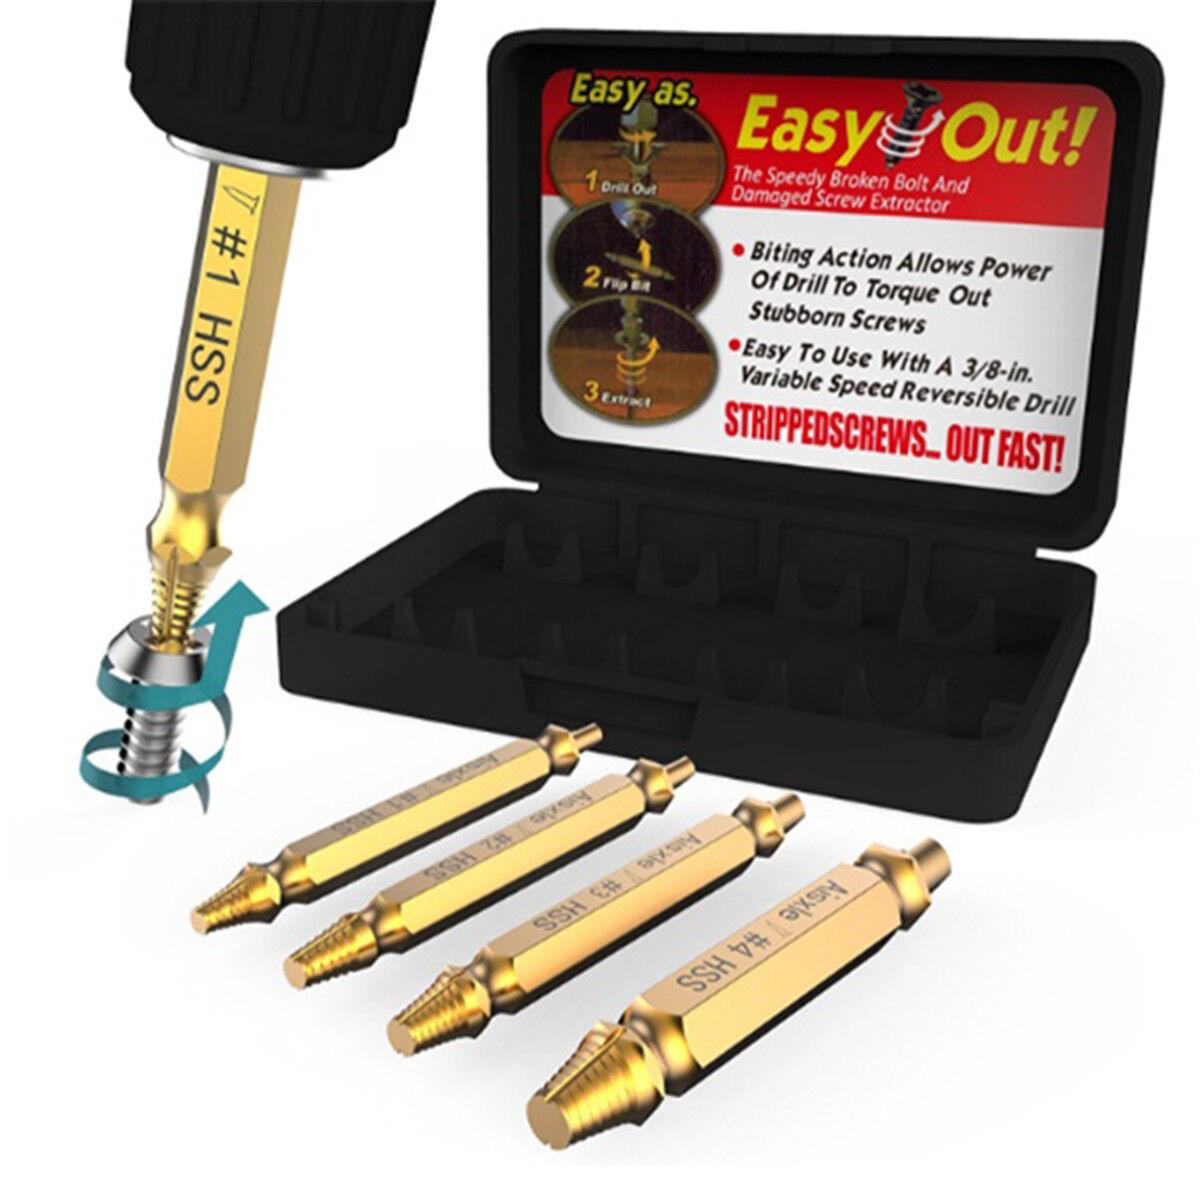 4pcs titanium screw extractor drill guide broken